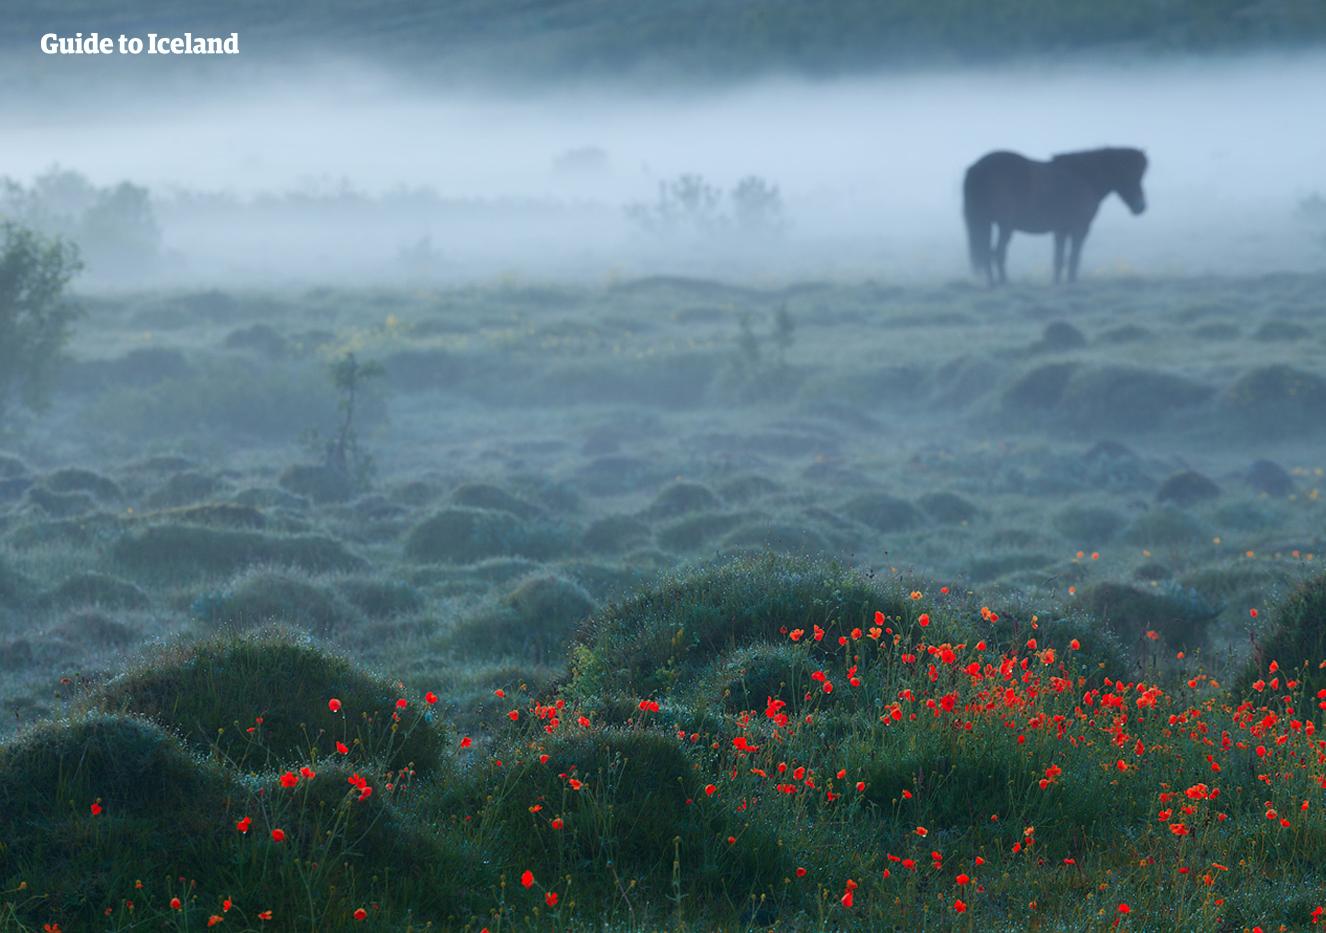 在冰岛全国多个地区都有骑马旅行团可以参加